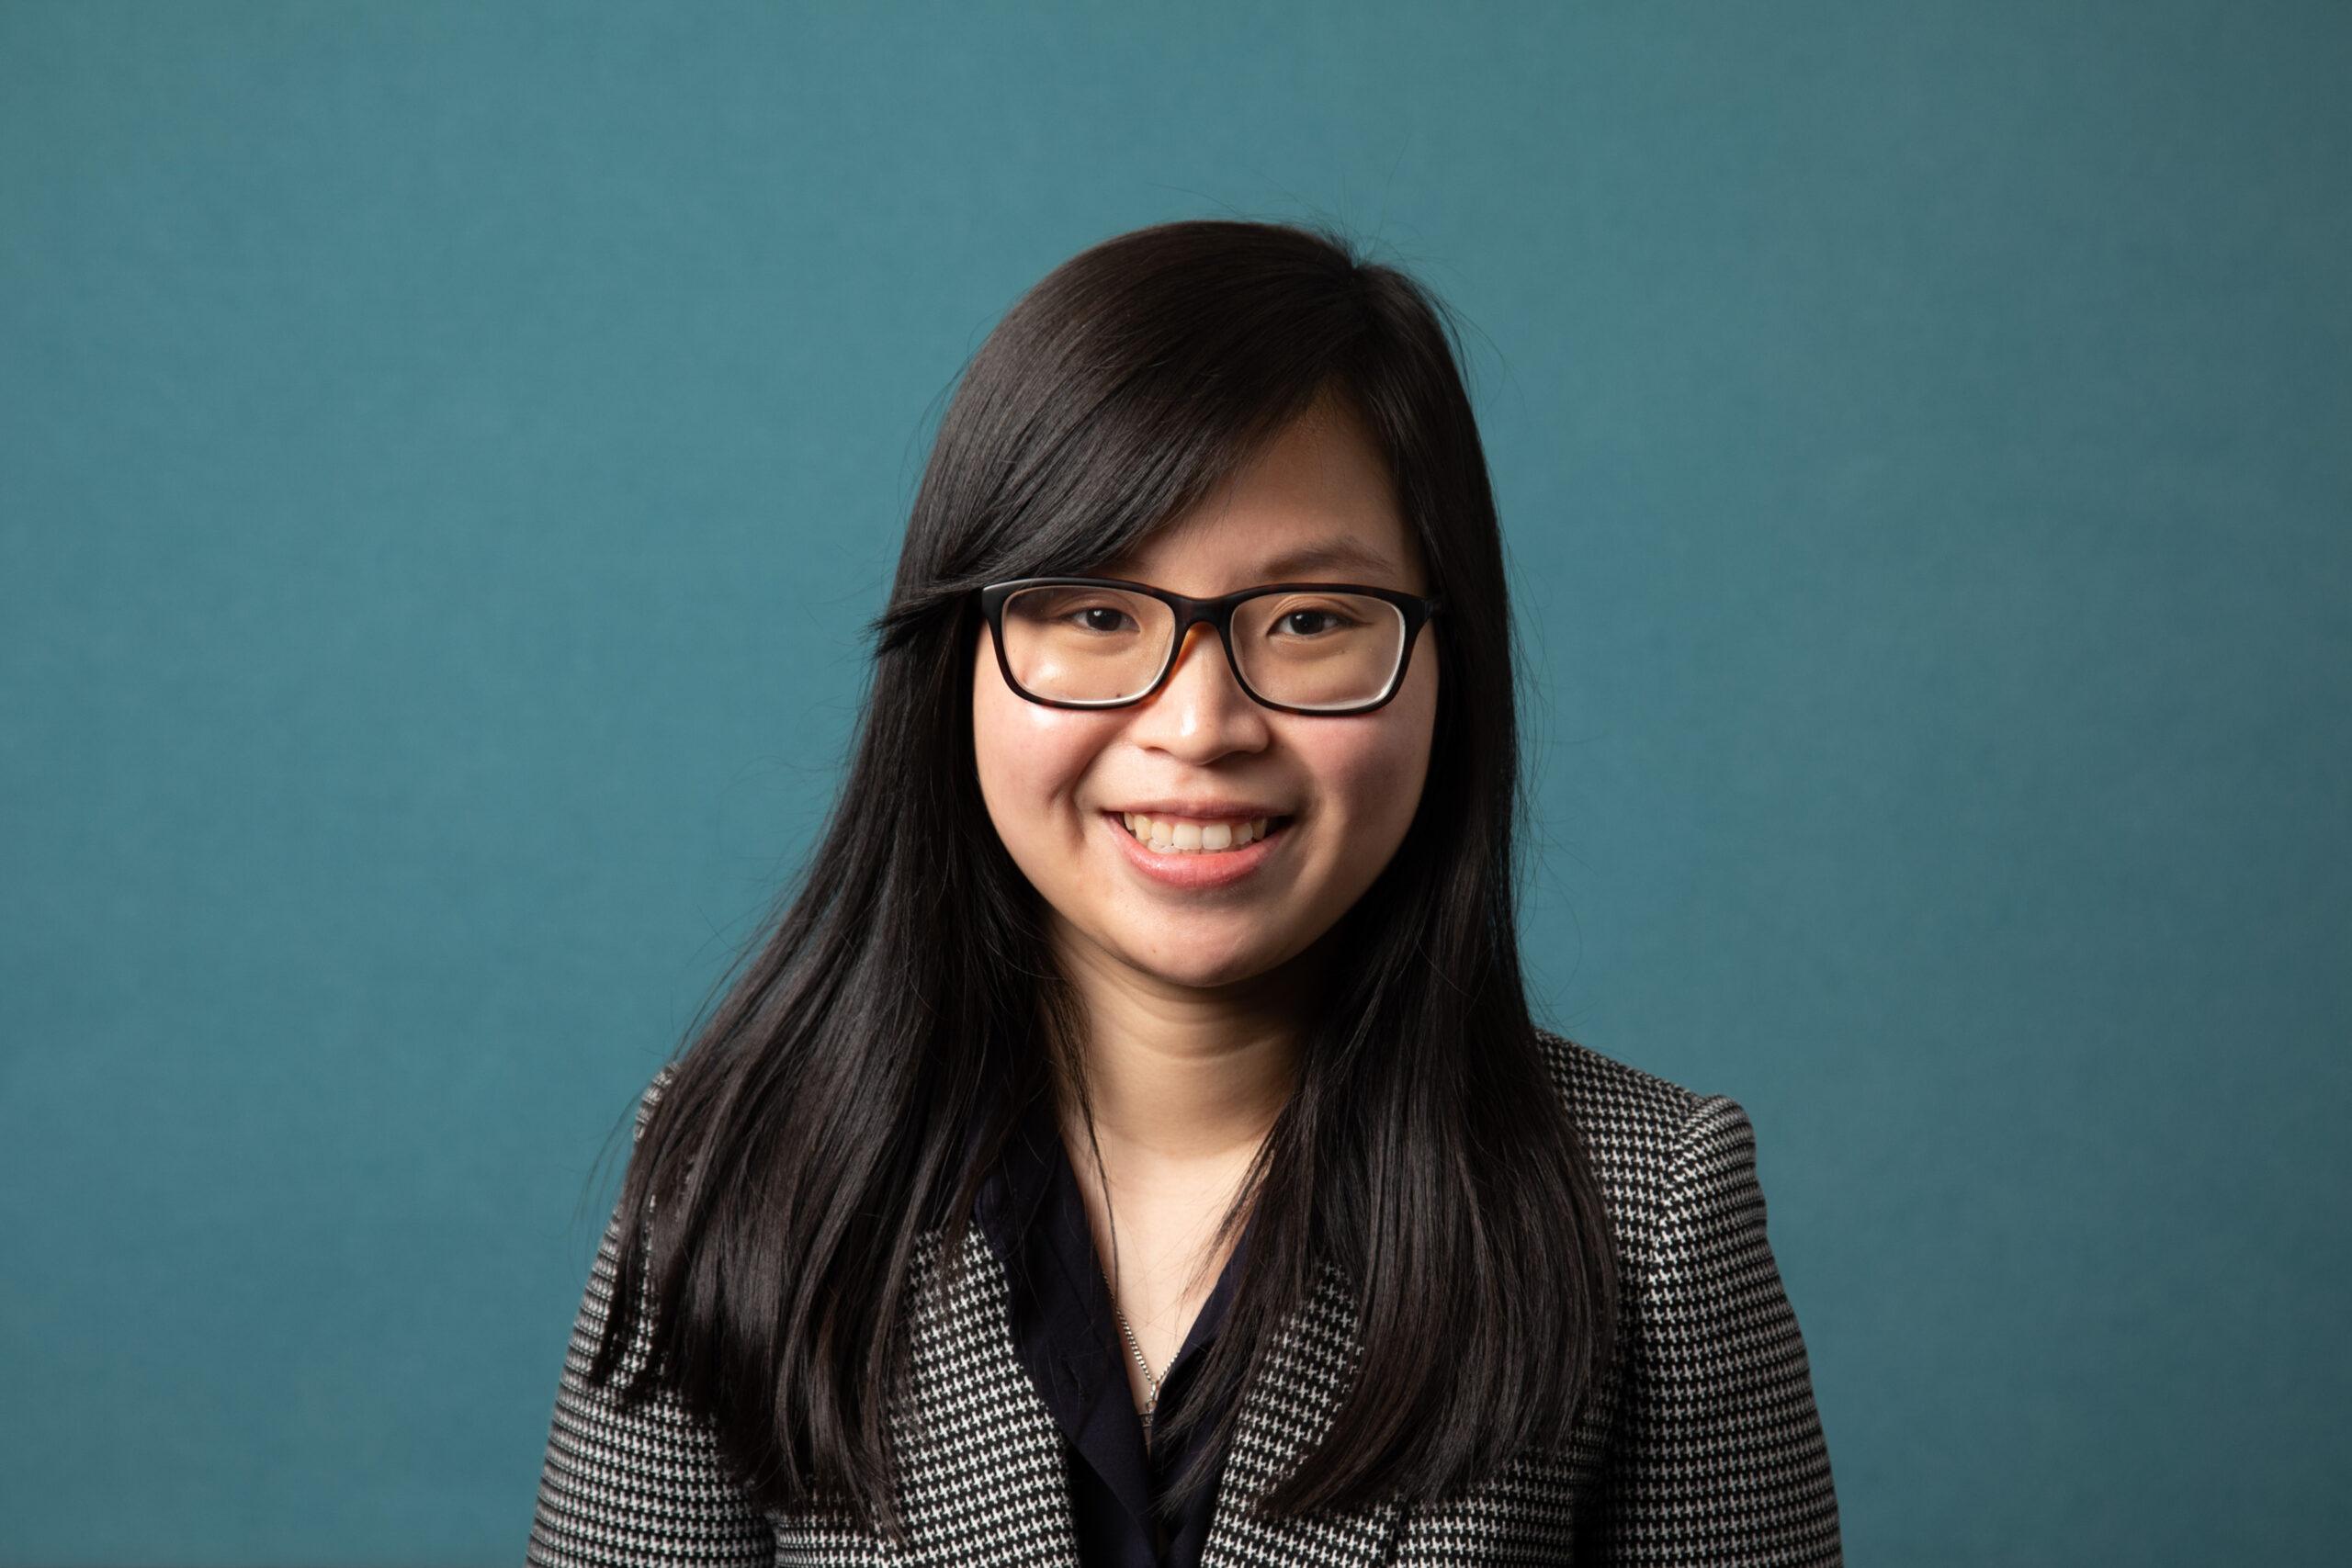 Yi Ling Low